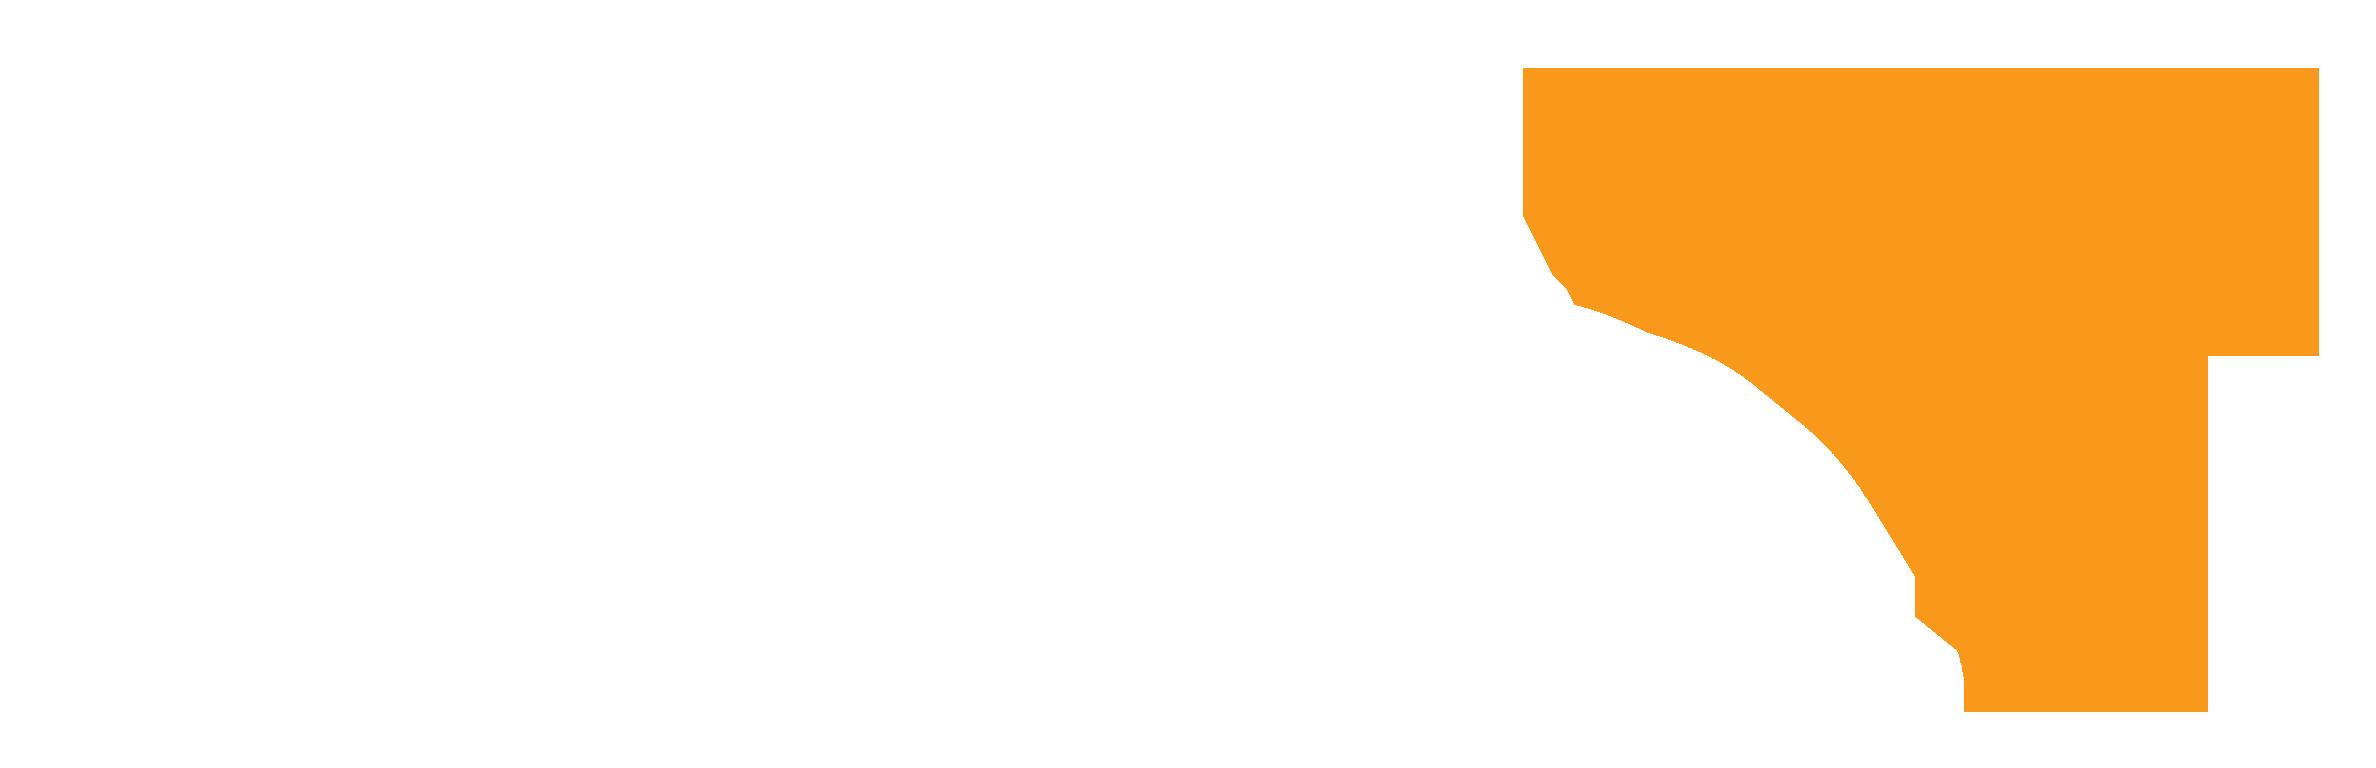 Audible una società Amazon